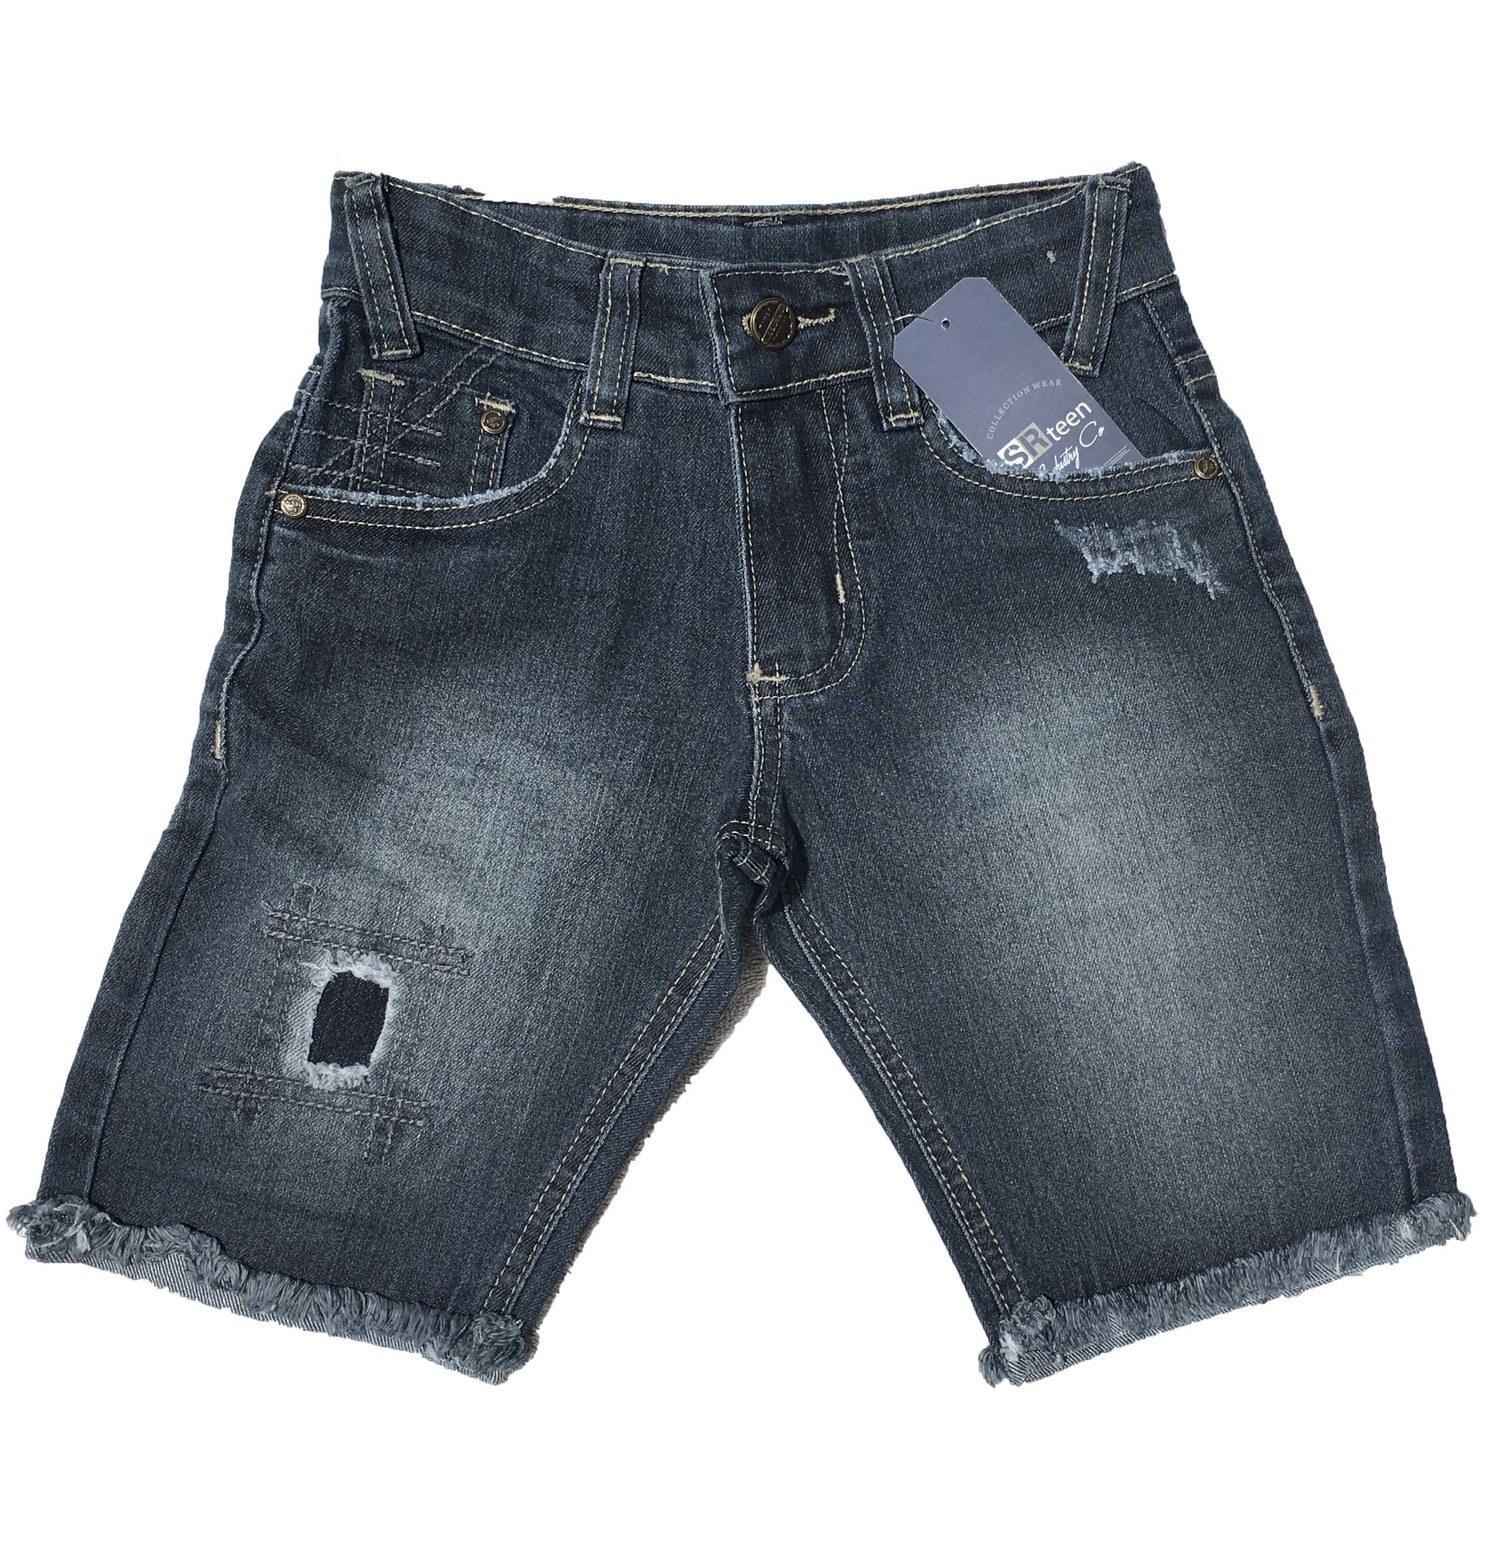 Bermuda Jeans Masculina [421]